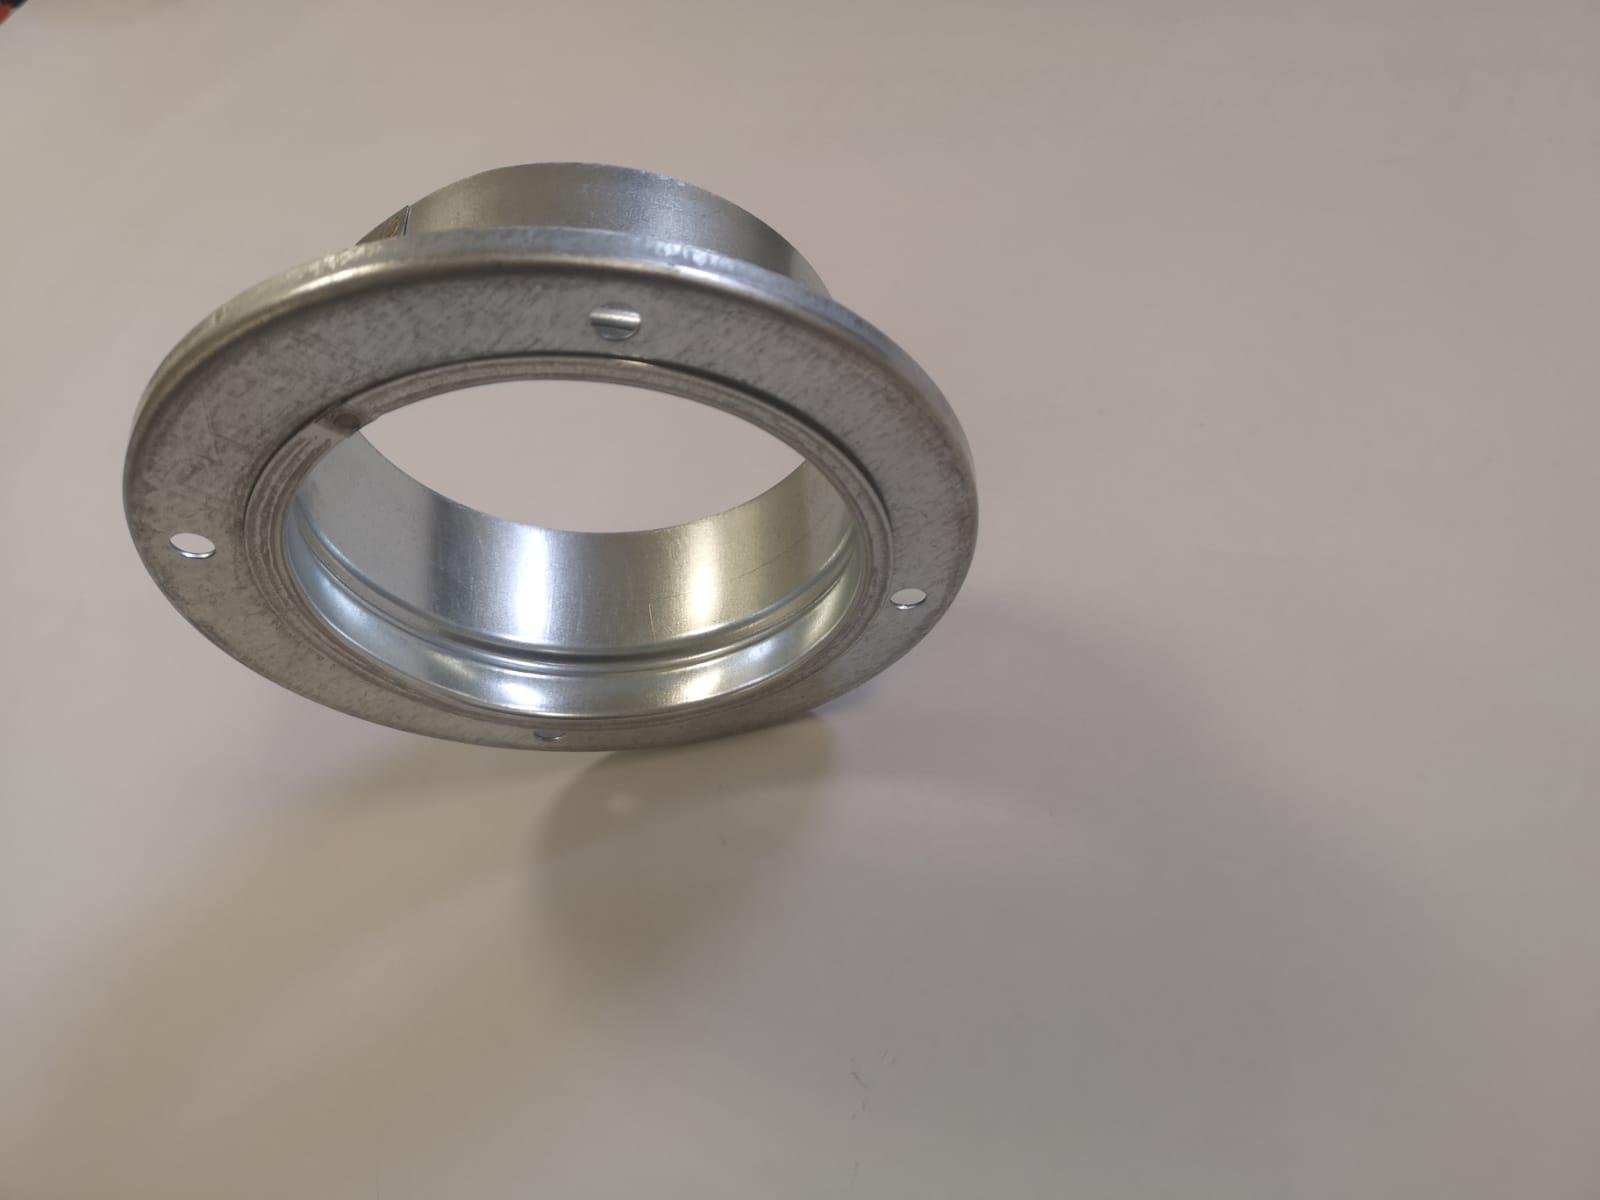 Collare porta flangia in acciaio zincato completo di flangia diametro 100 mm